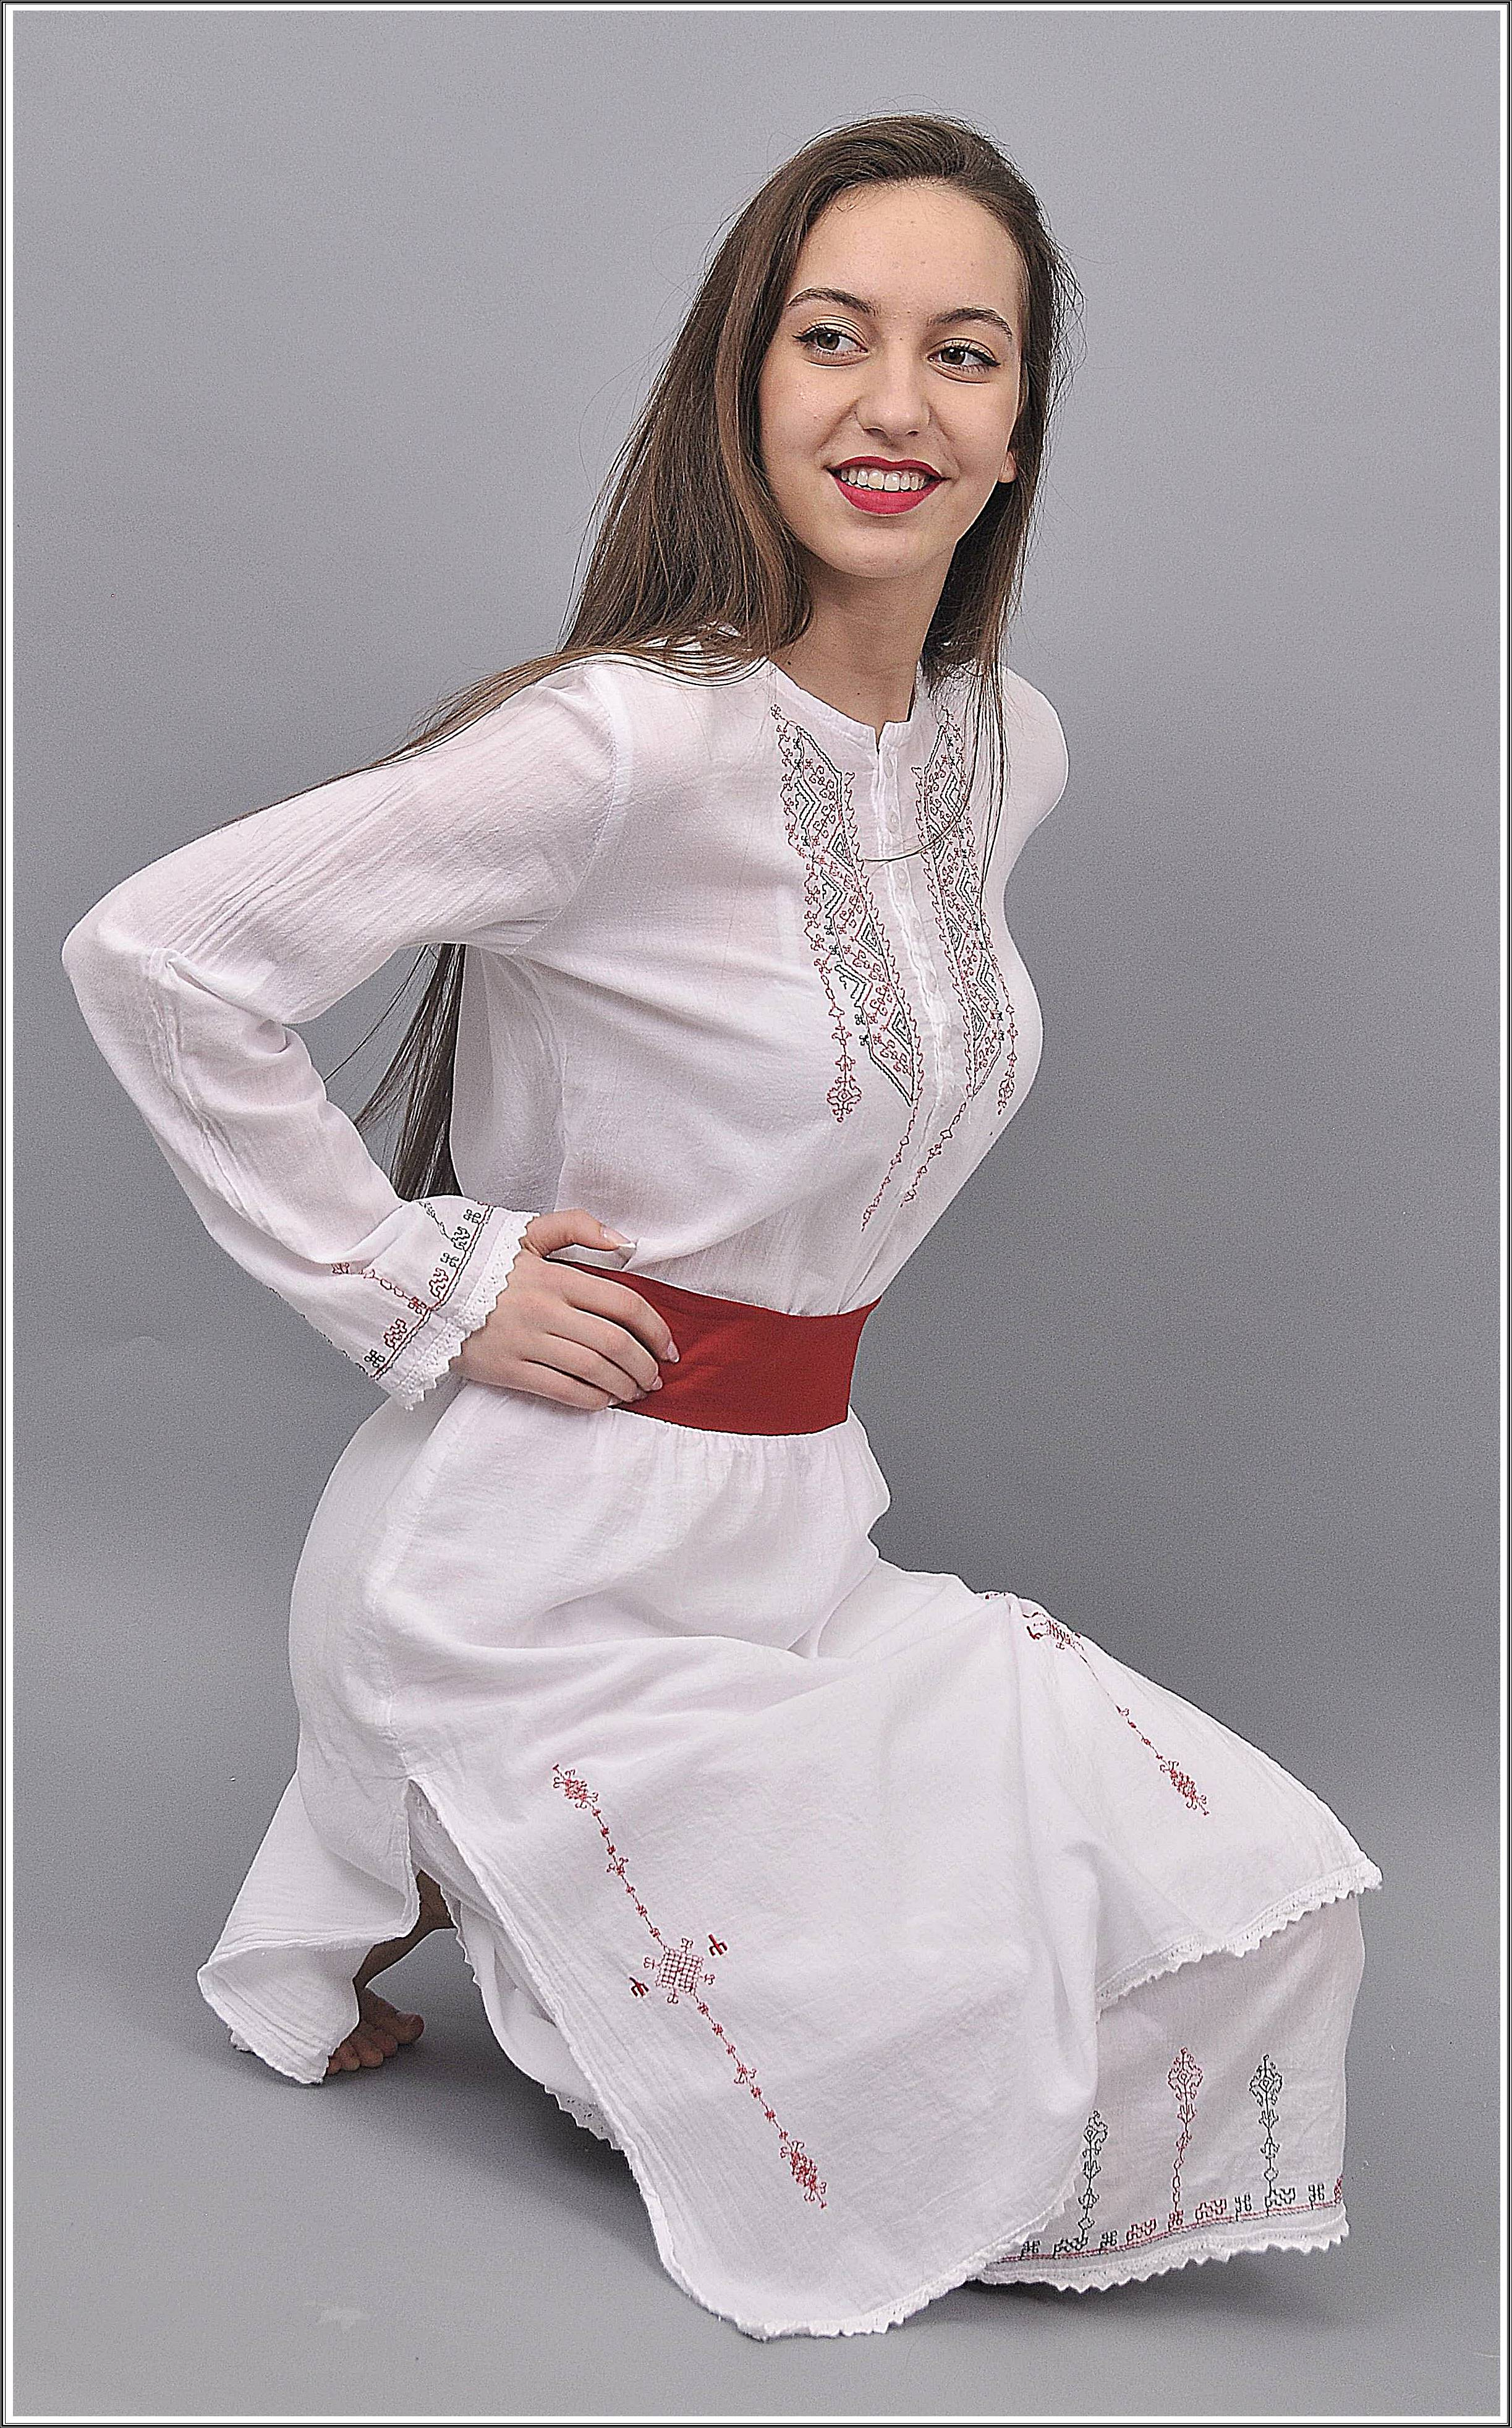 a11c27a4e7c ВАЛТЕКС е Българска фирма, която се занимава с производство и продажба на  едро и дребно на спортно-елегантни ризи, туники, рокли и панталони oт 100%  ...